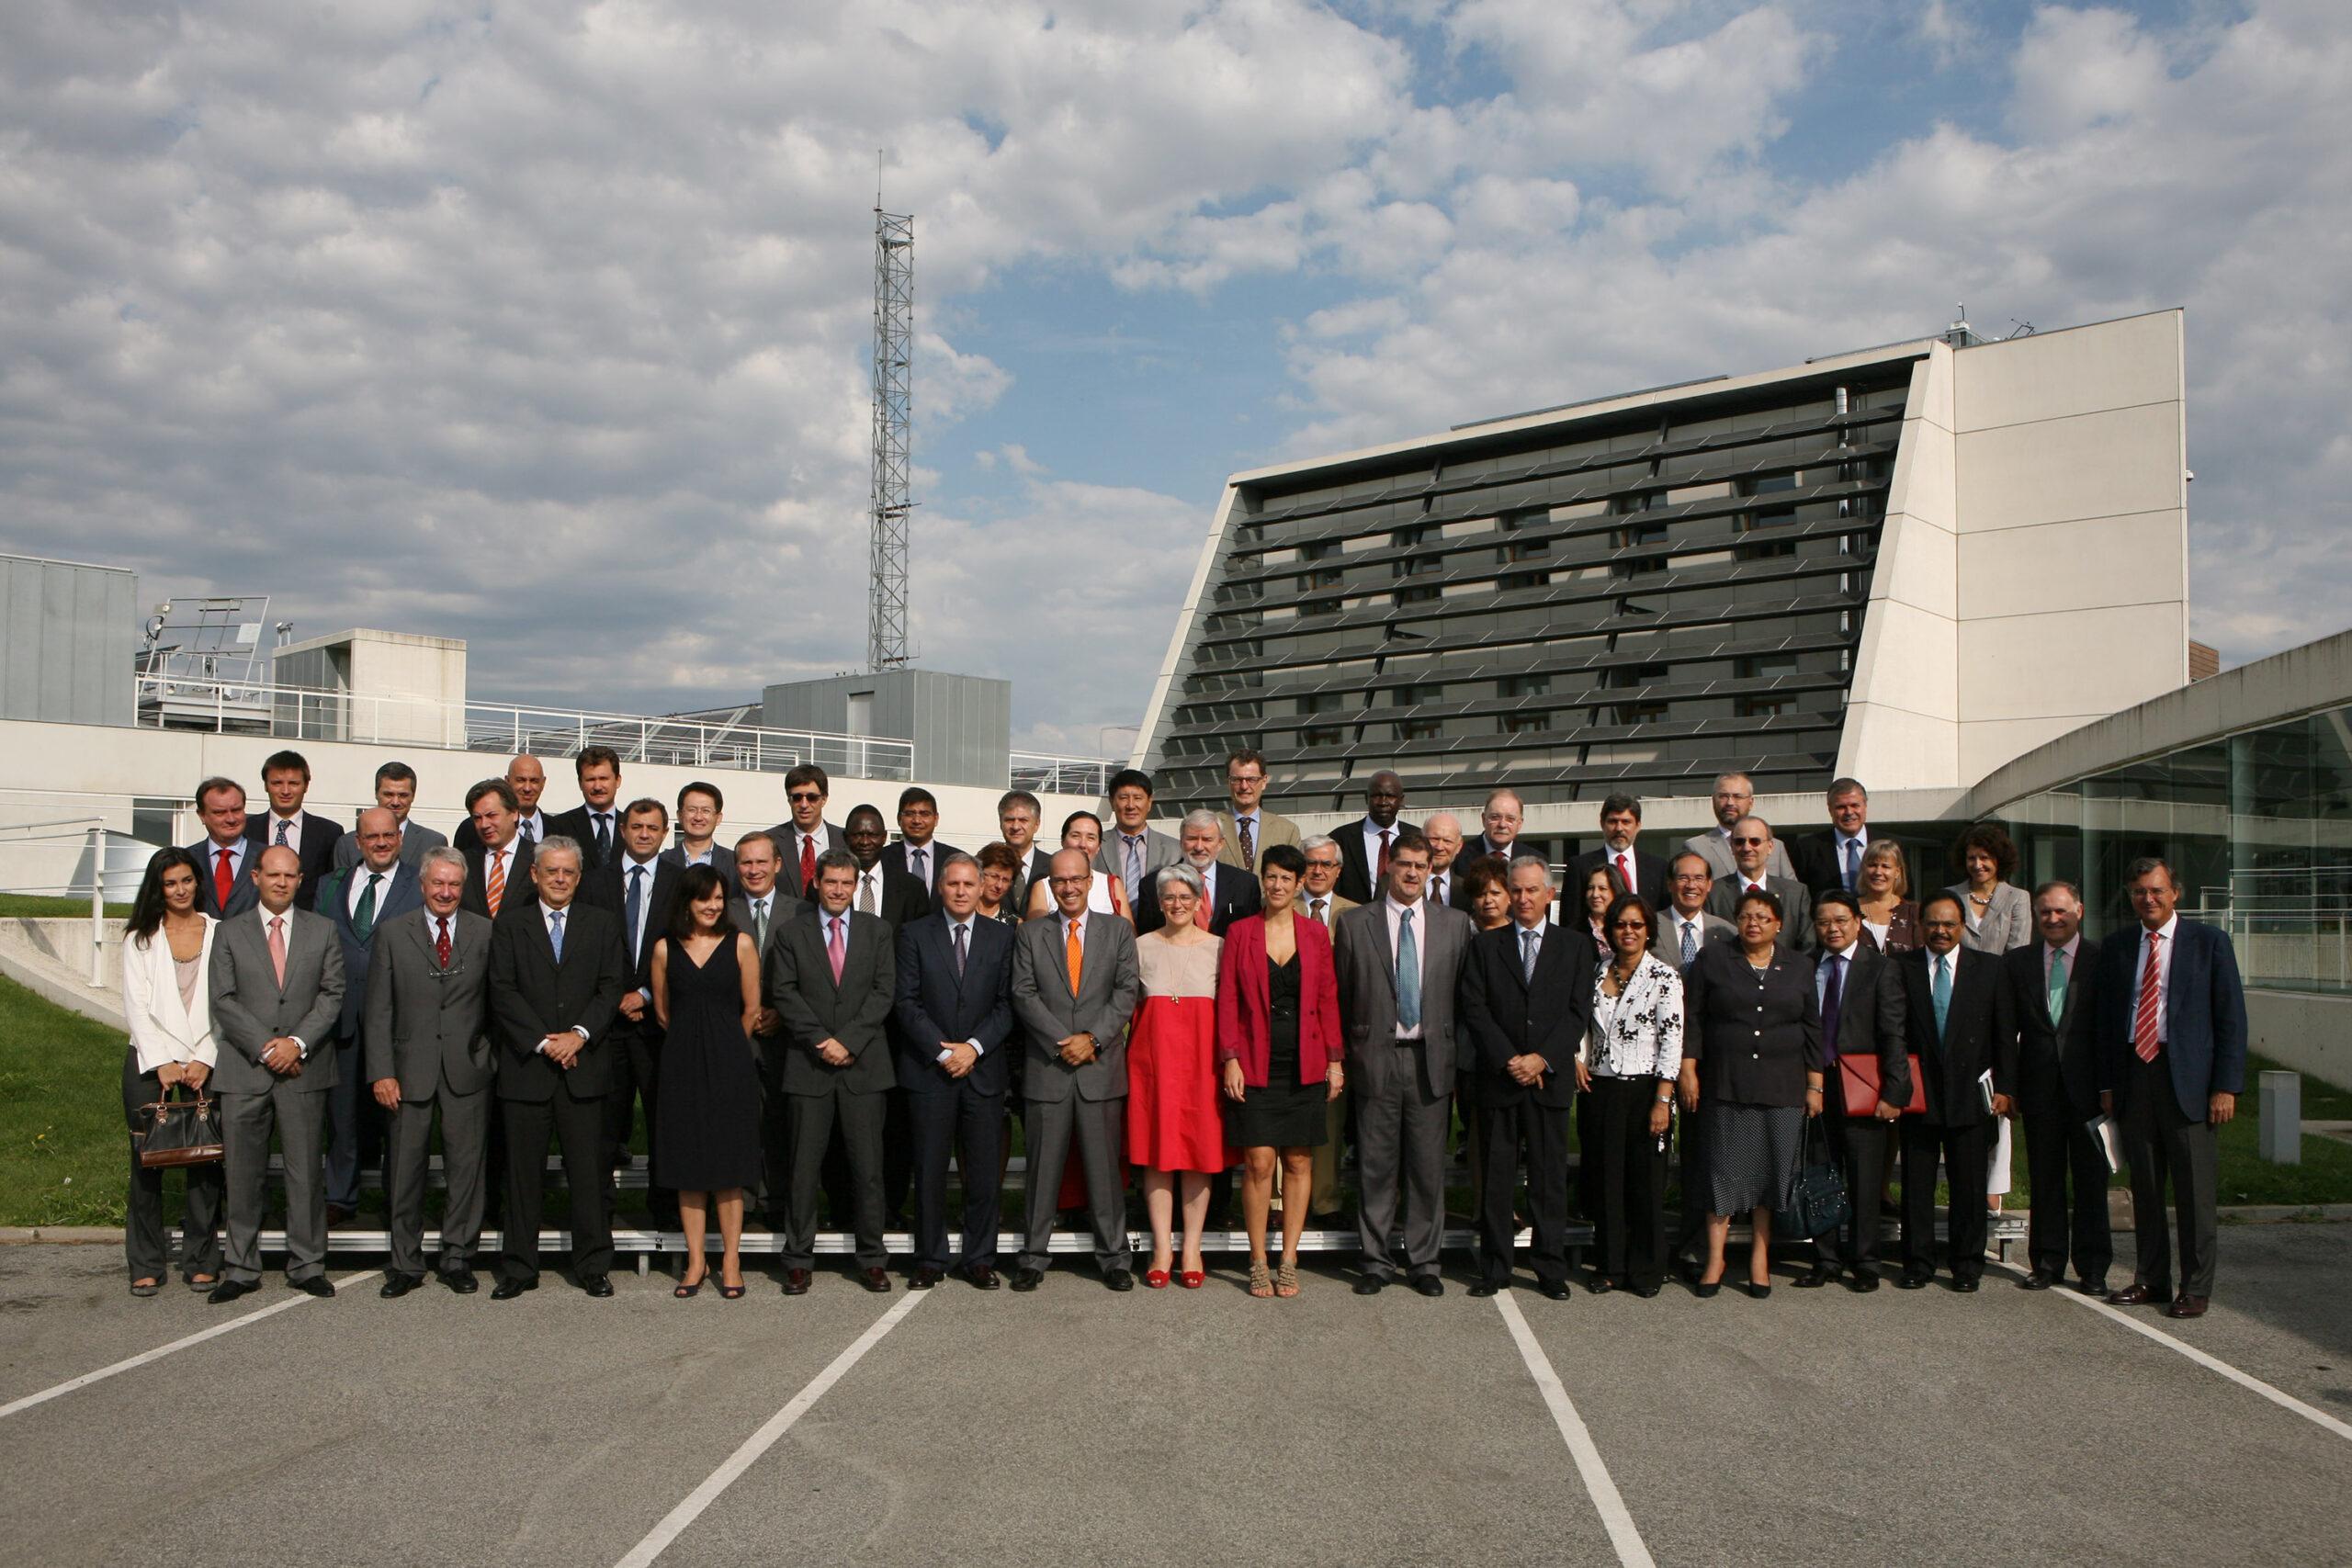 Visita de 35 embajadores acreditados en España (2011).